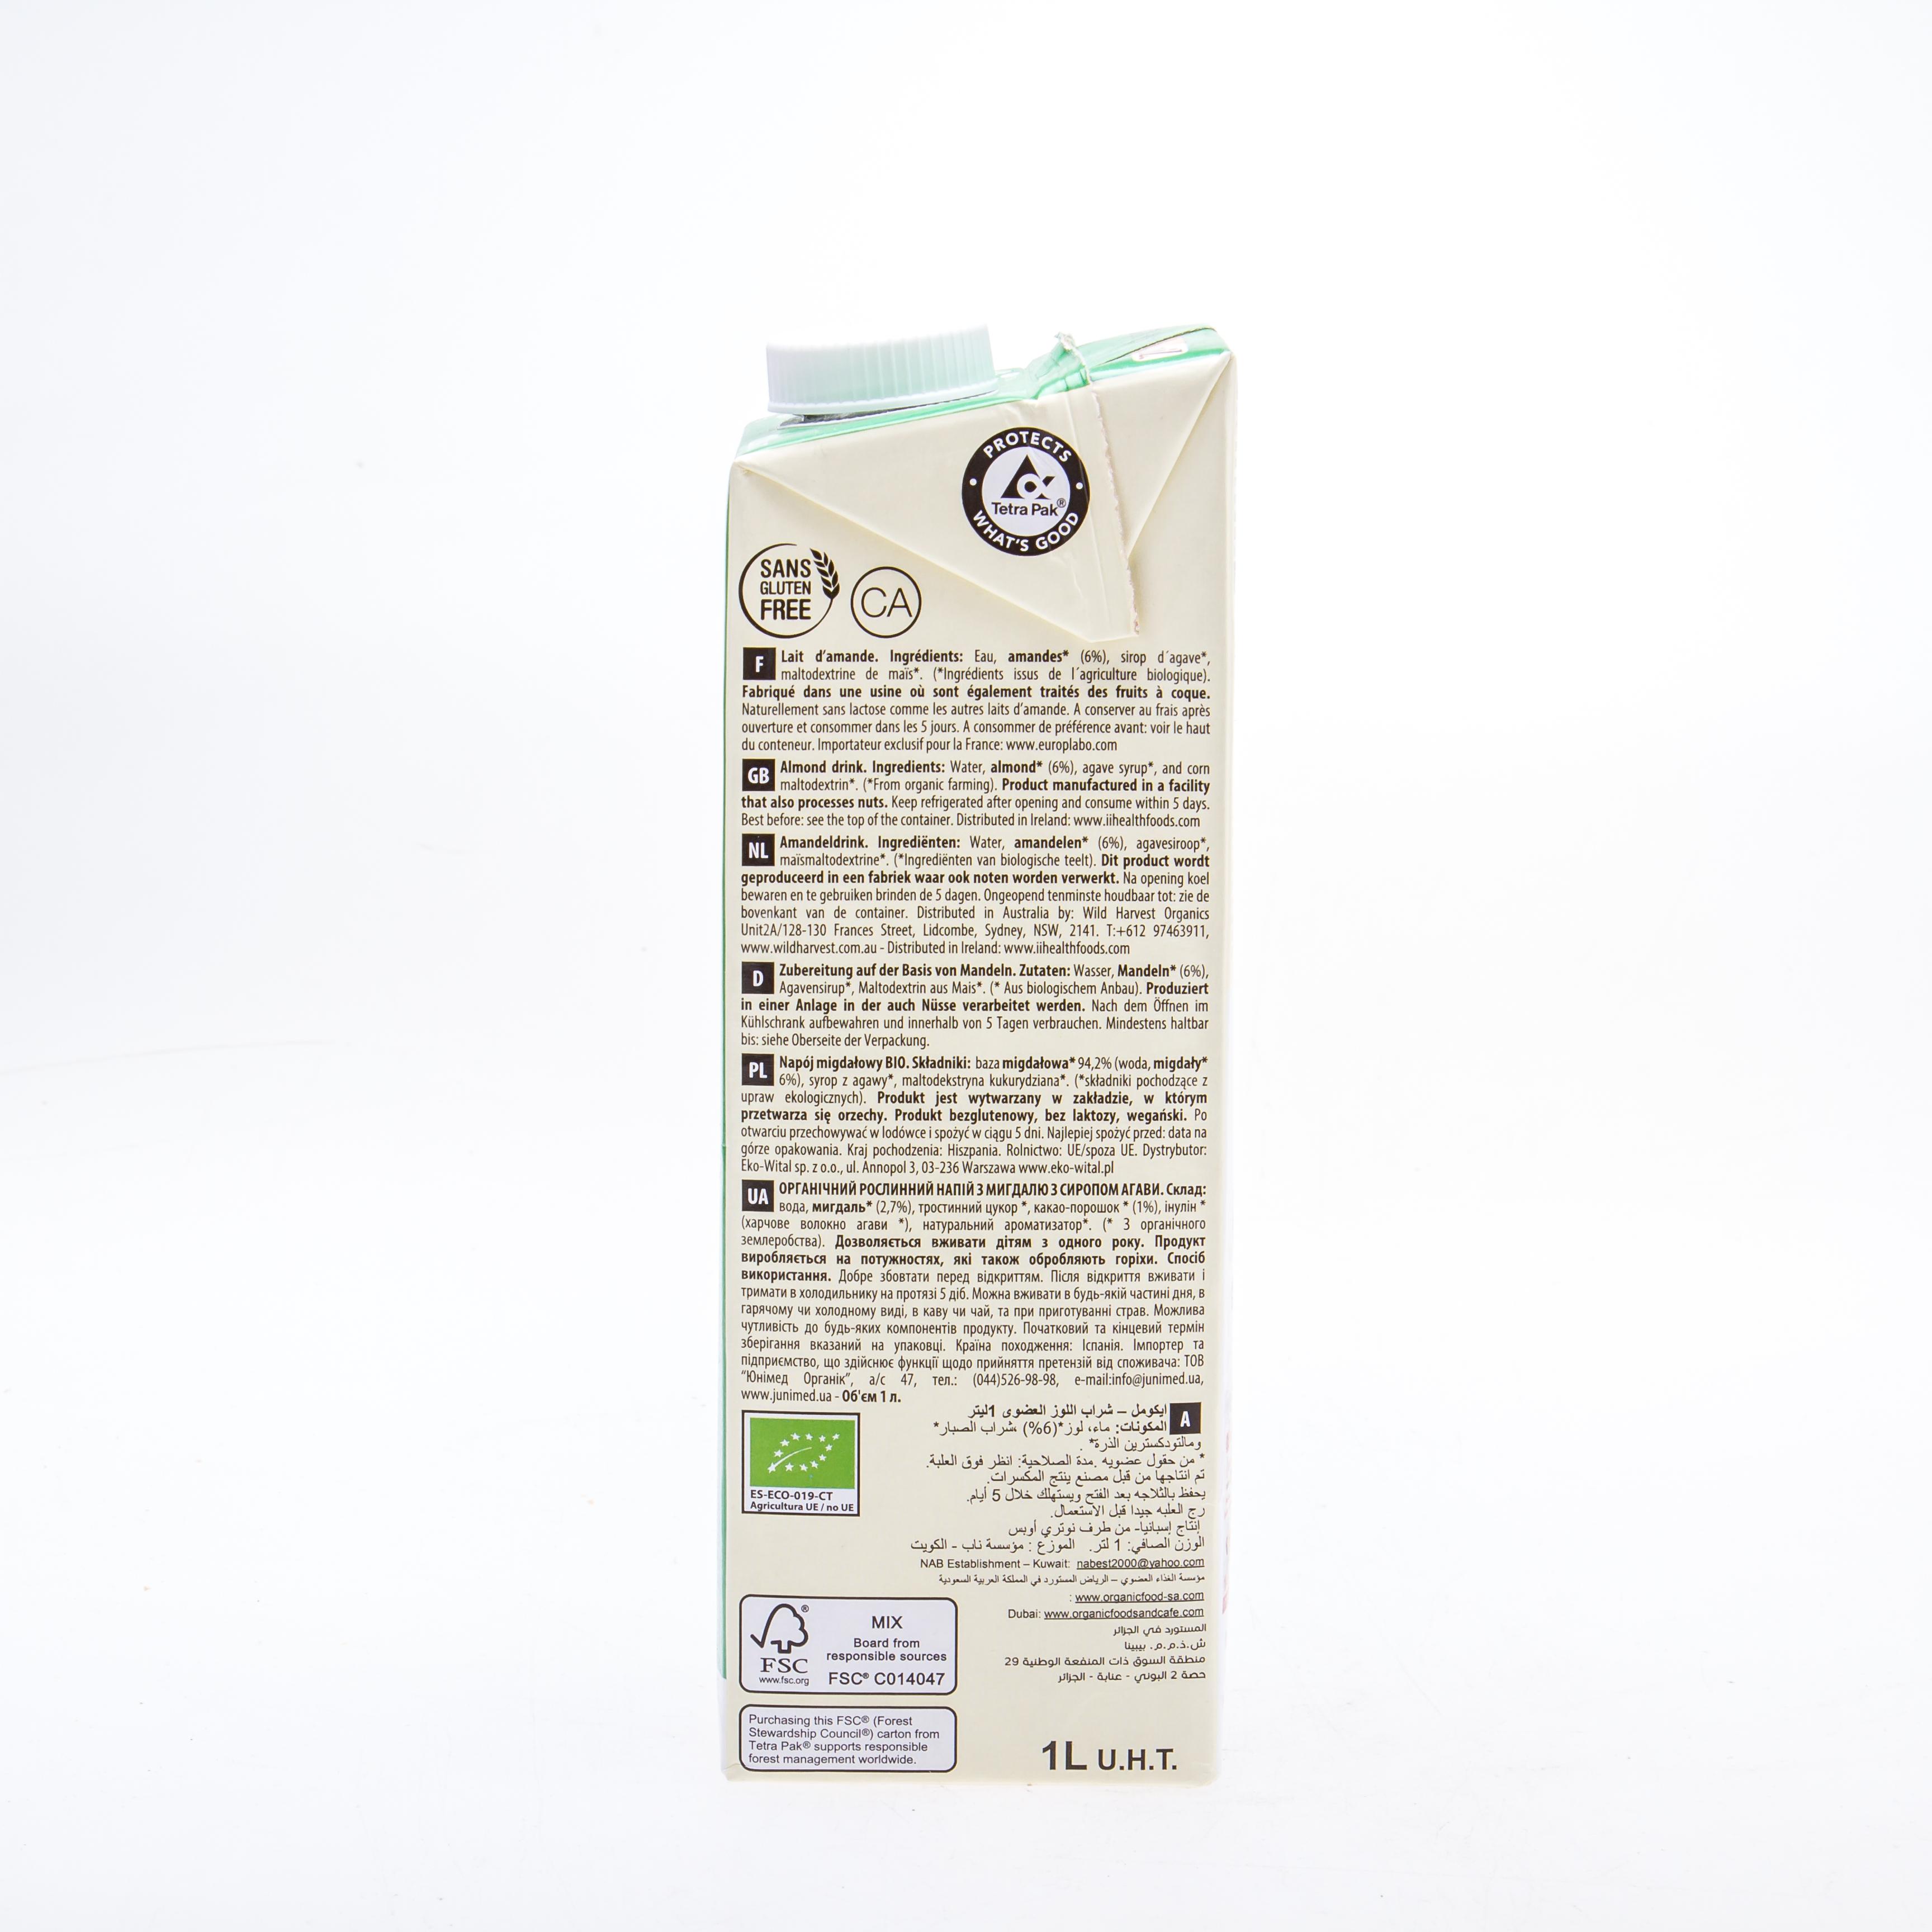 Органічне рослинне молоко з мигдалю з сиропом агави, 1л - купити в інтернет-магазині Юнимед